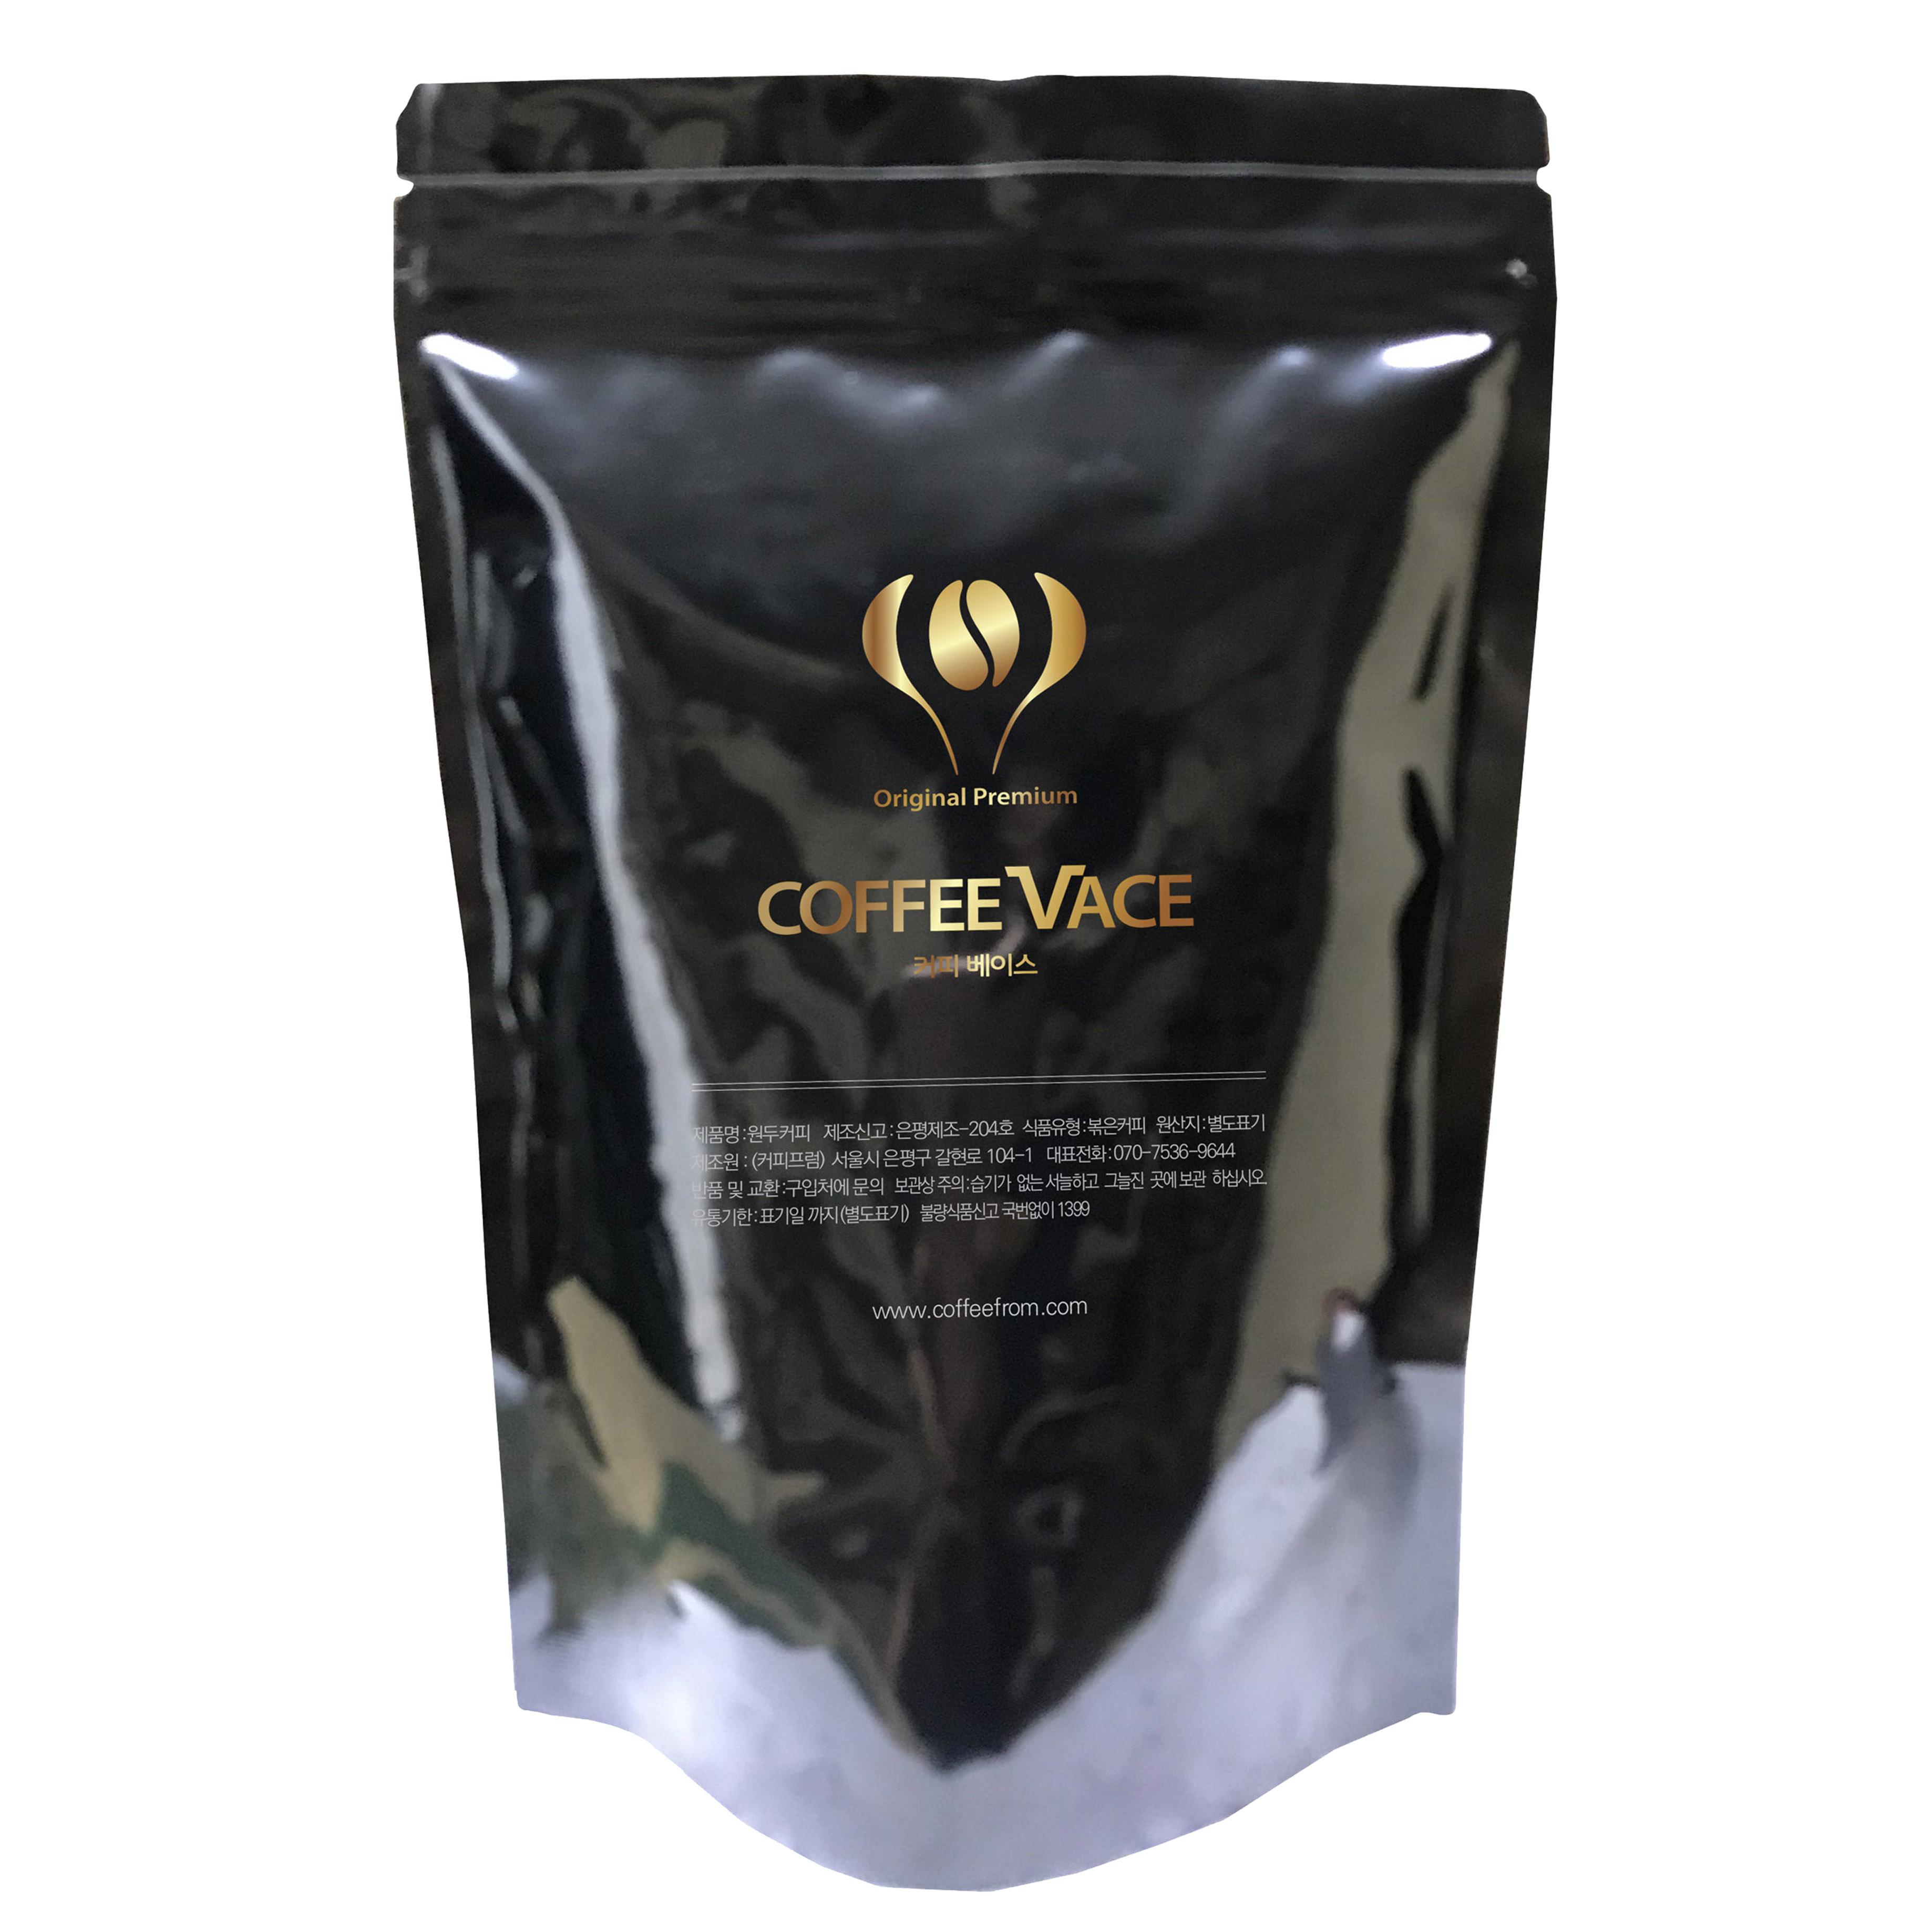 커피베이스 로얄 다크블랜딩 분쇄 커피, 에스프레소용, 500g